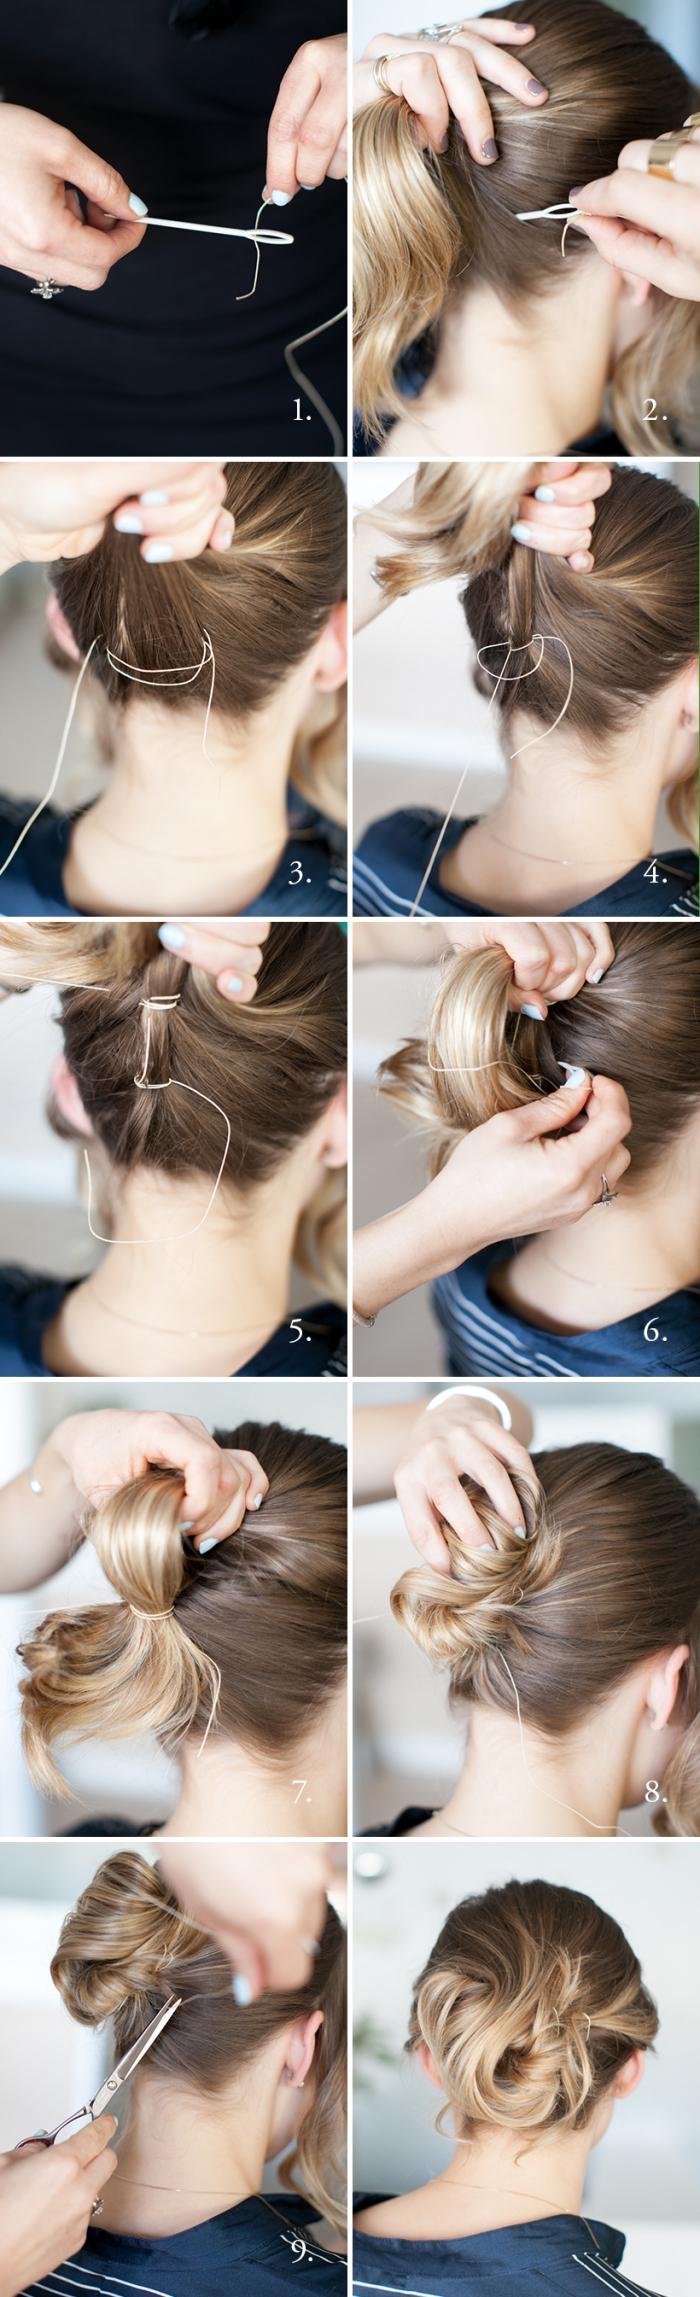 coiffure facile cheveux mi long avec un fil et aiguille, technique intéressante pour faire un chignon coiffé décoiffé